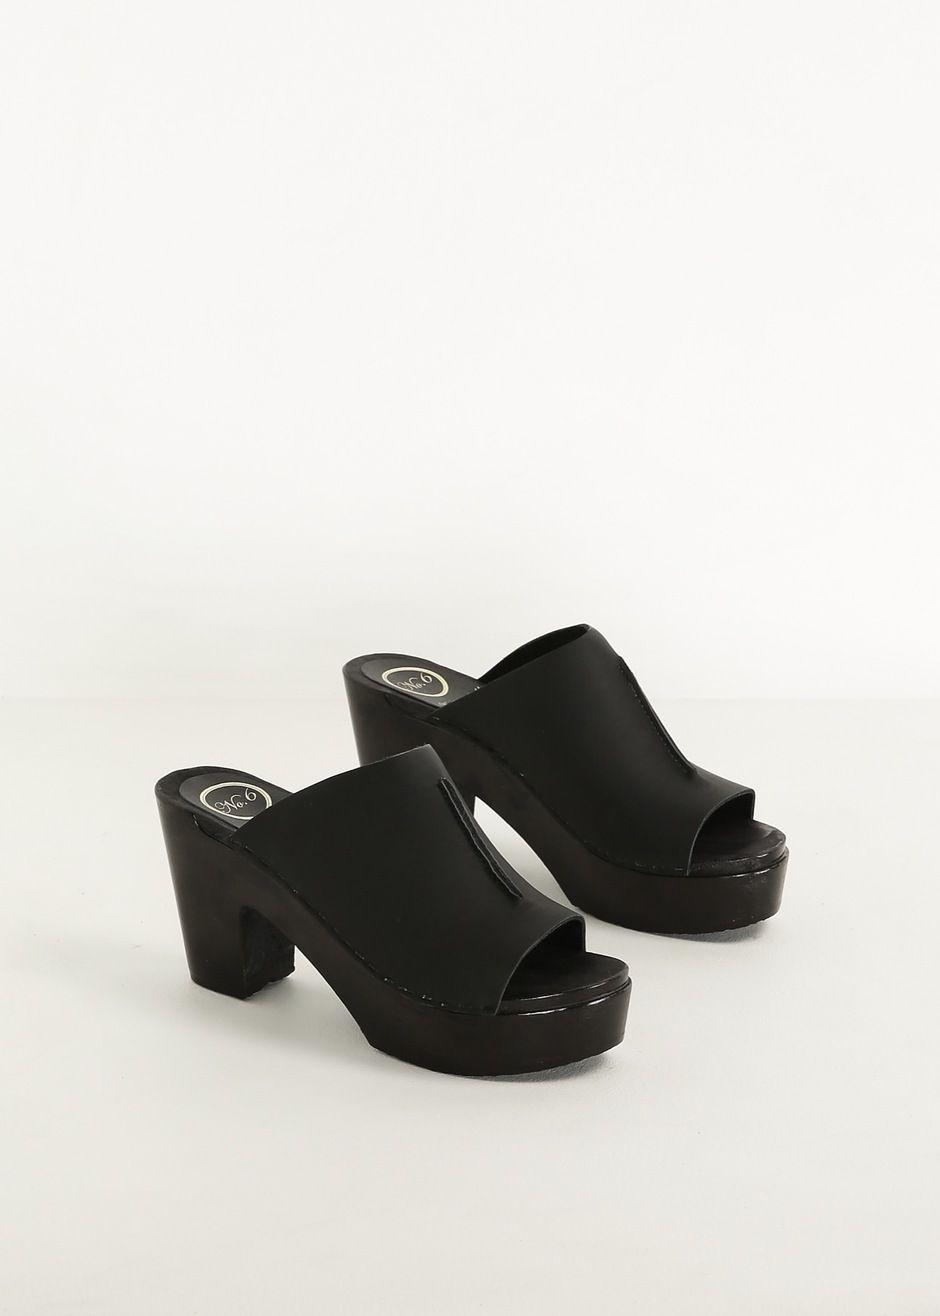 No. 6 clogs | Black | Shoes, Shoes sneakers, Clogs